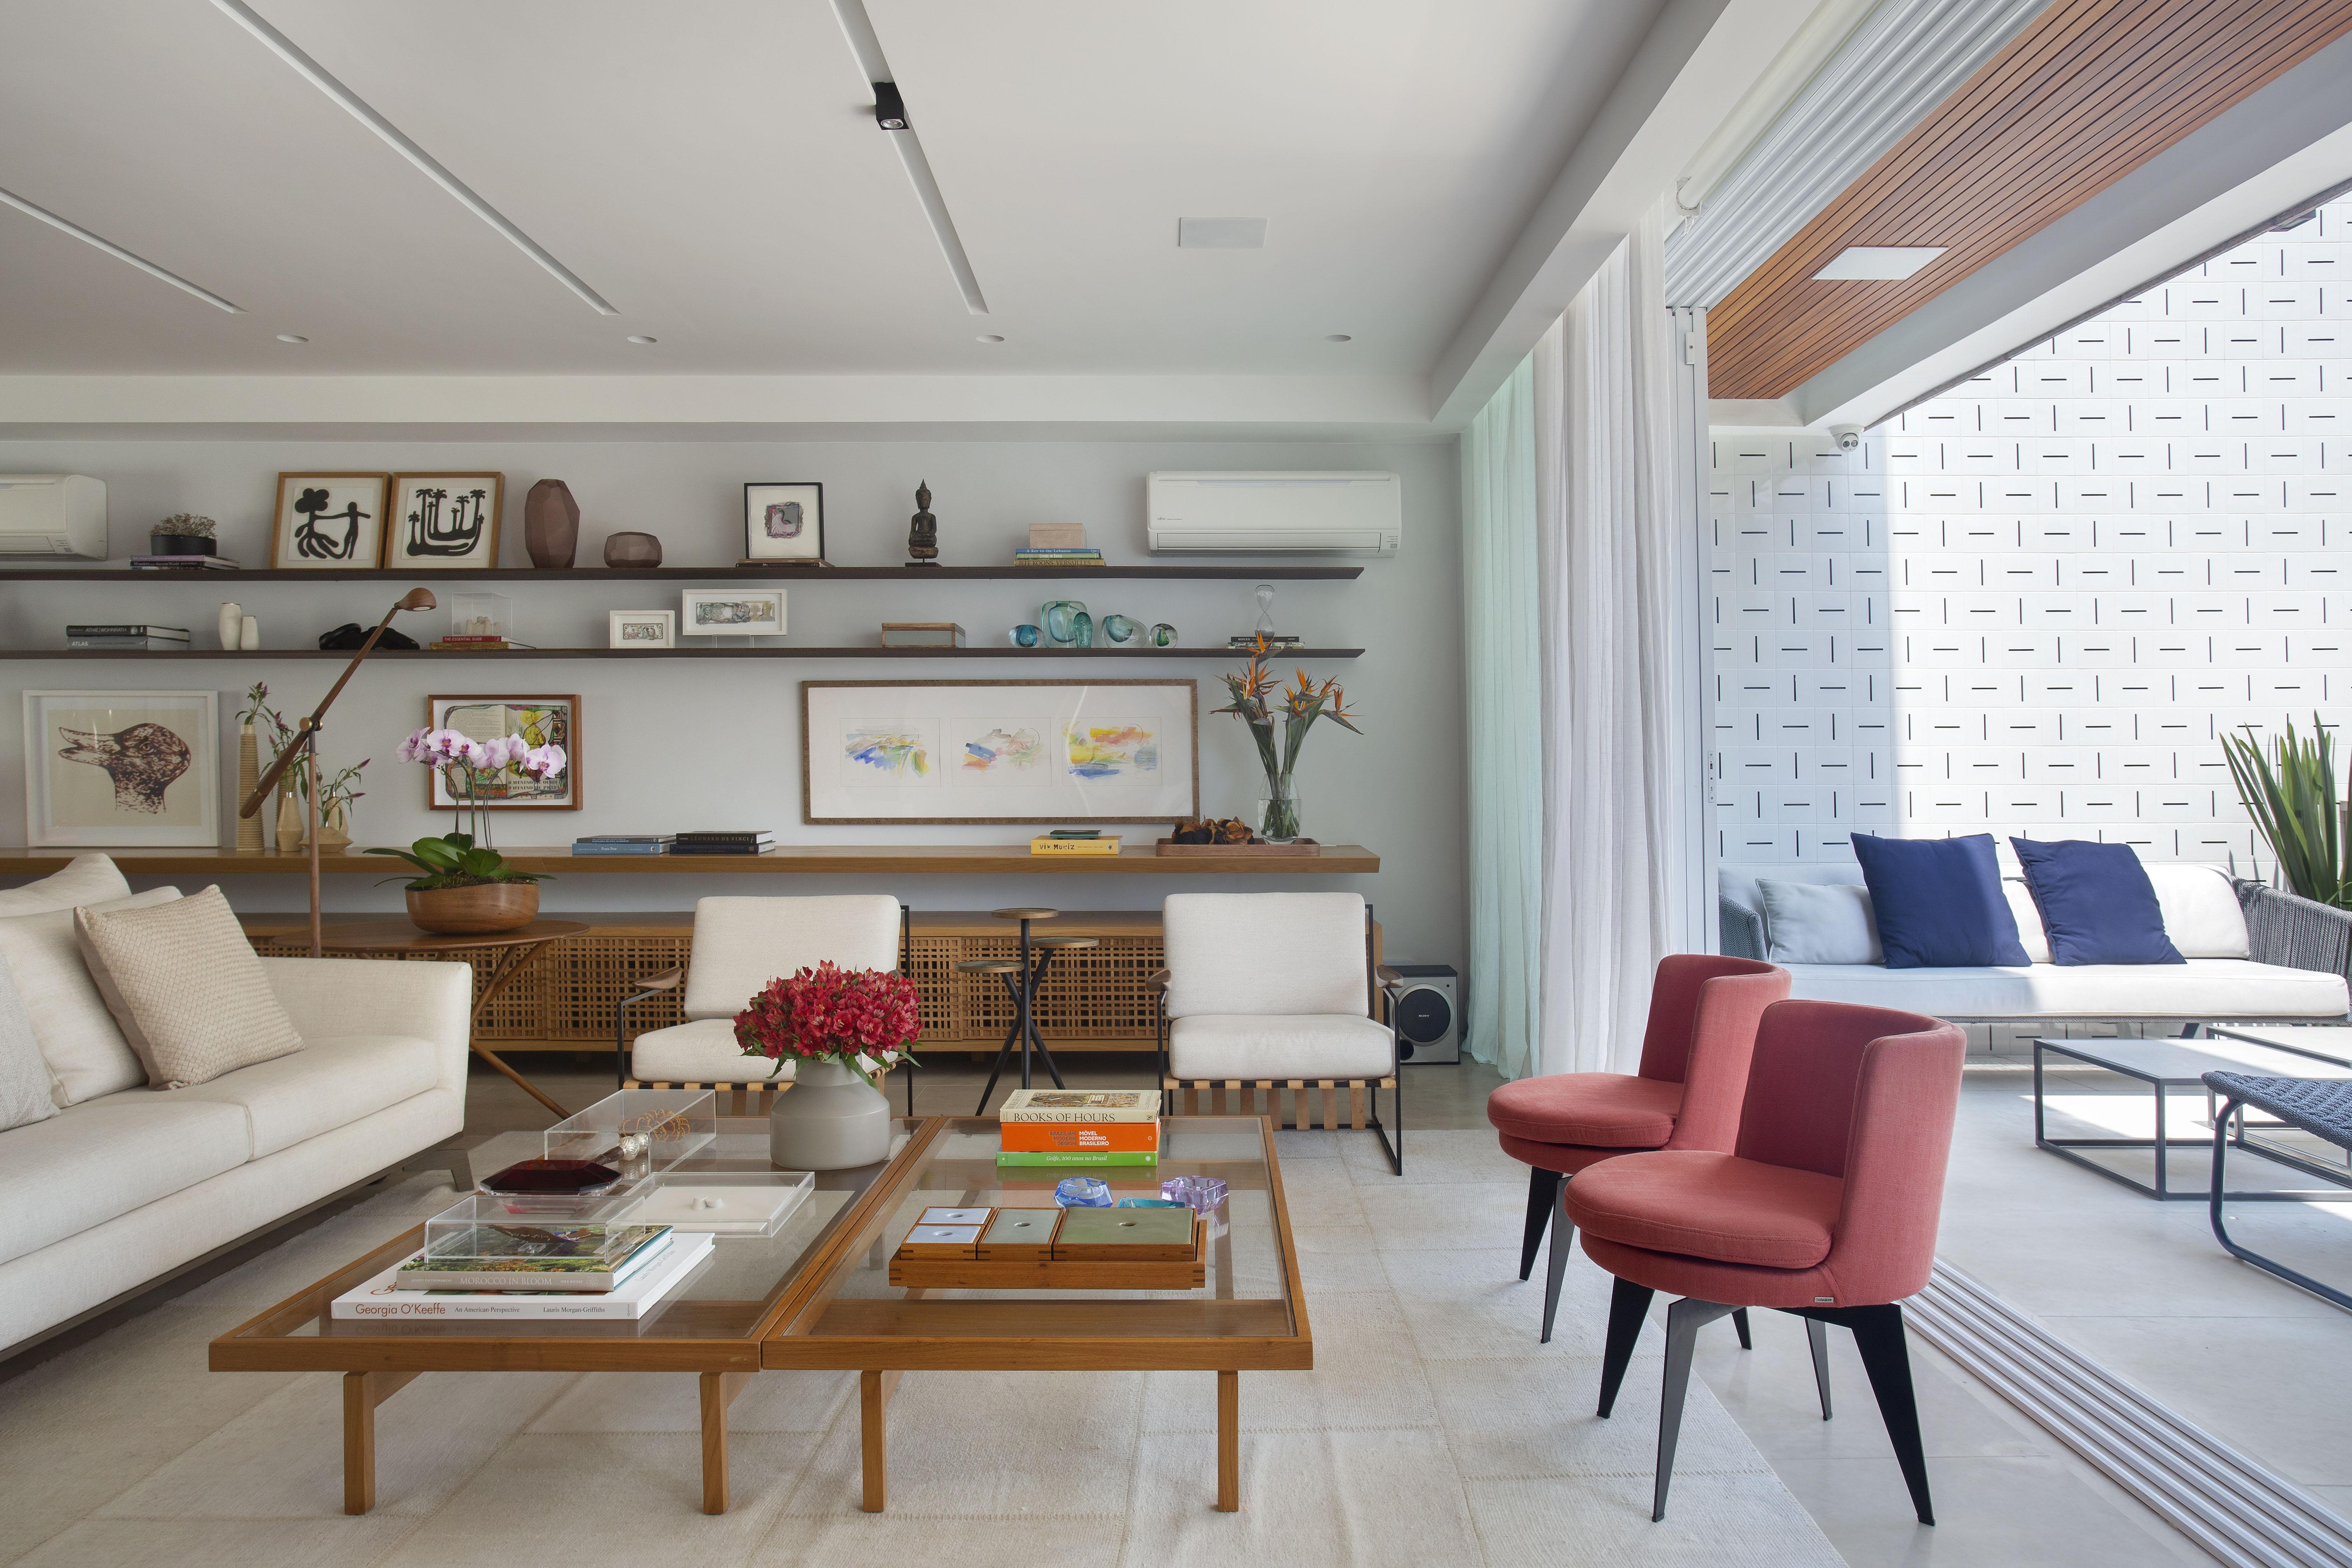 Sala de estar com mesa de centro, duas poltronas vermelhas, sofá branco e varanda integrada